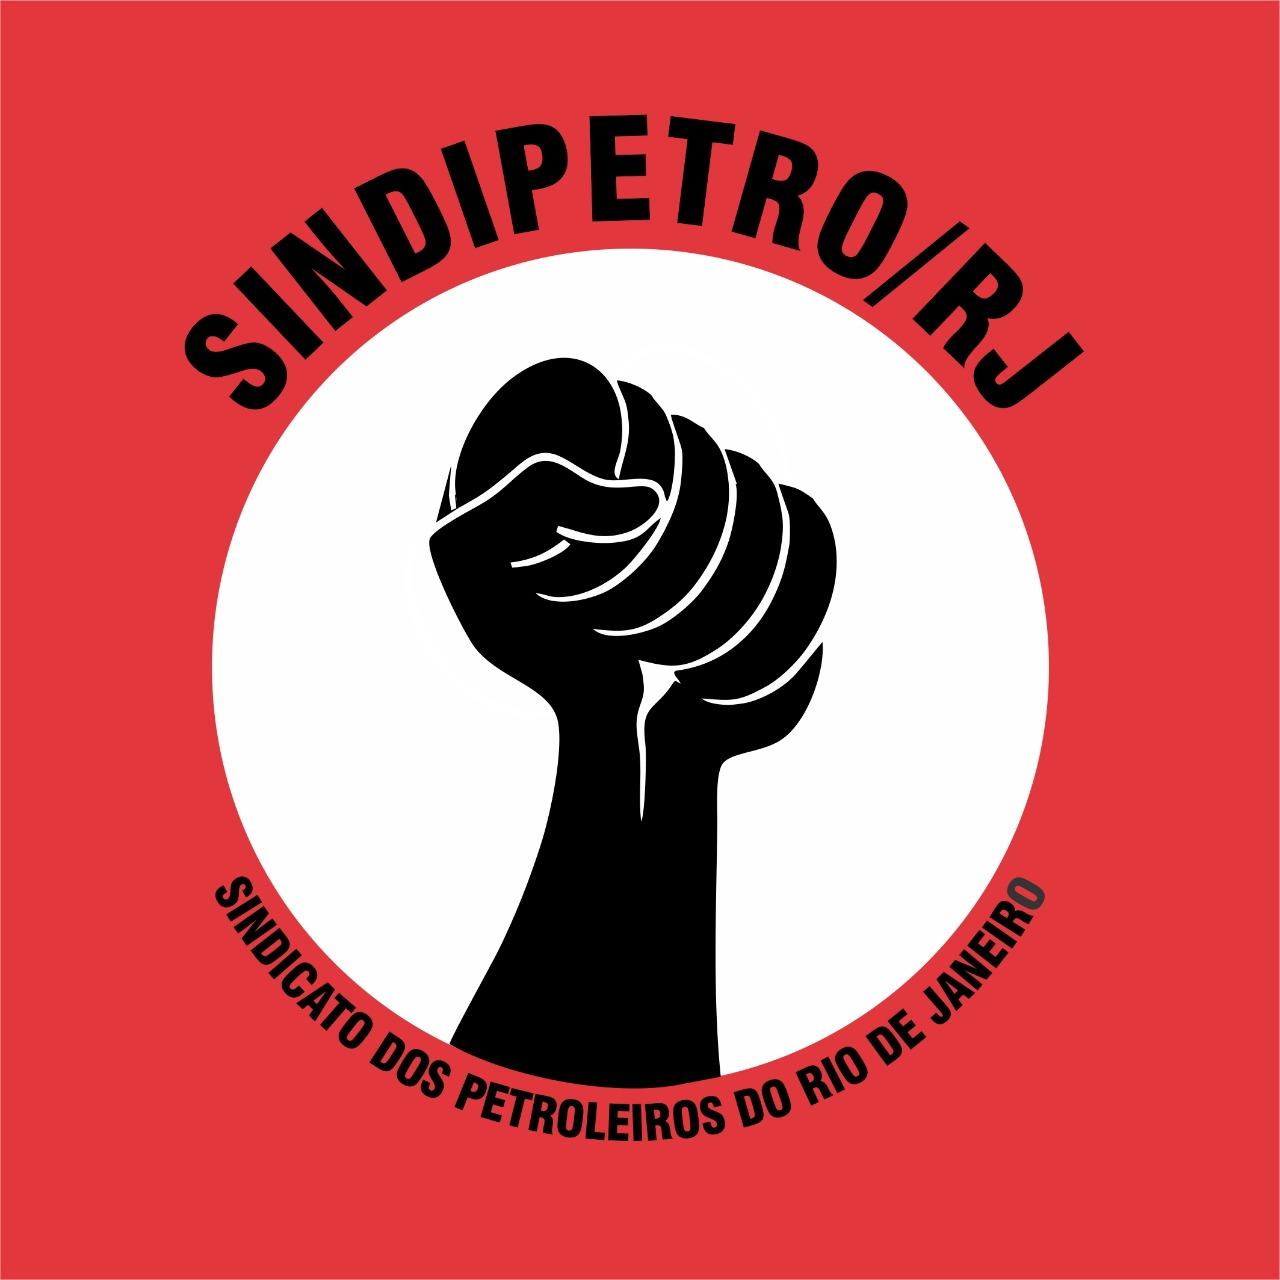 Perguntas Frequentes sobre o Sindicato Logo Sindipetro valendo